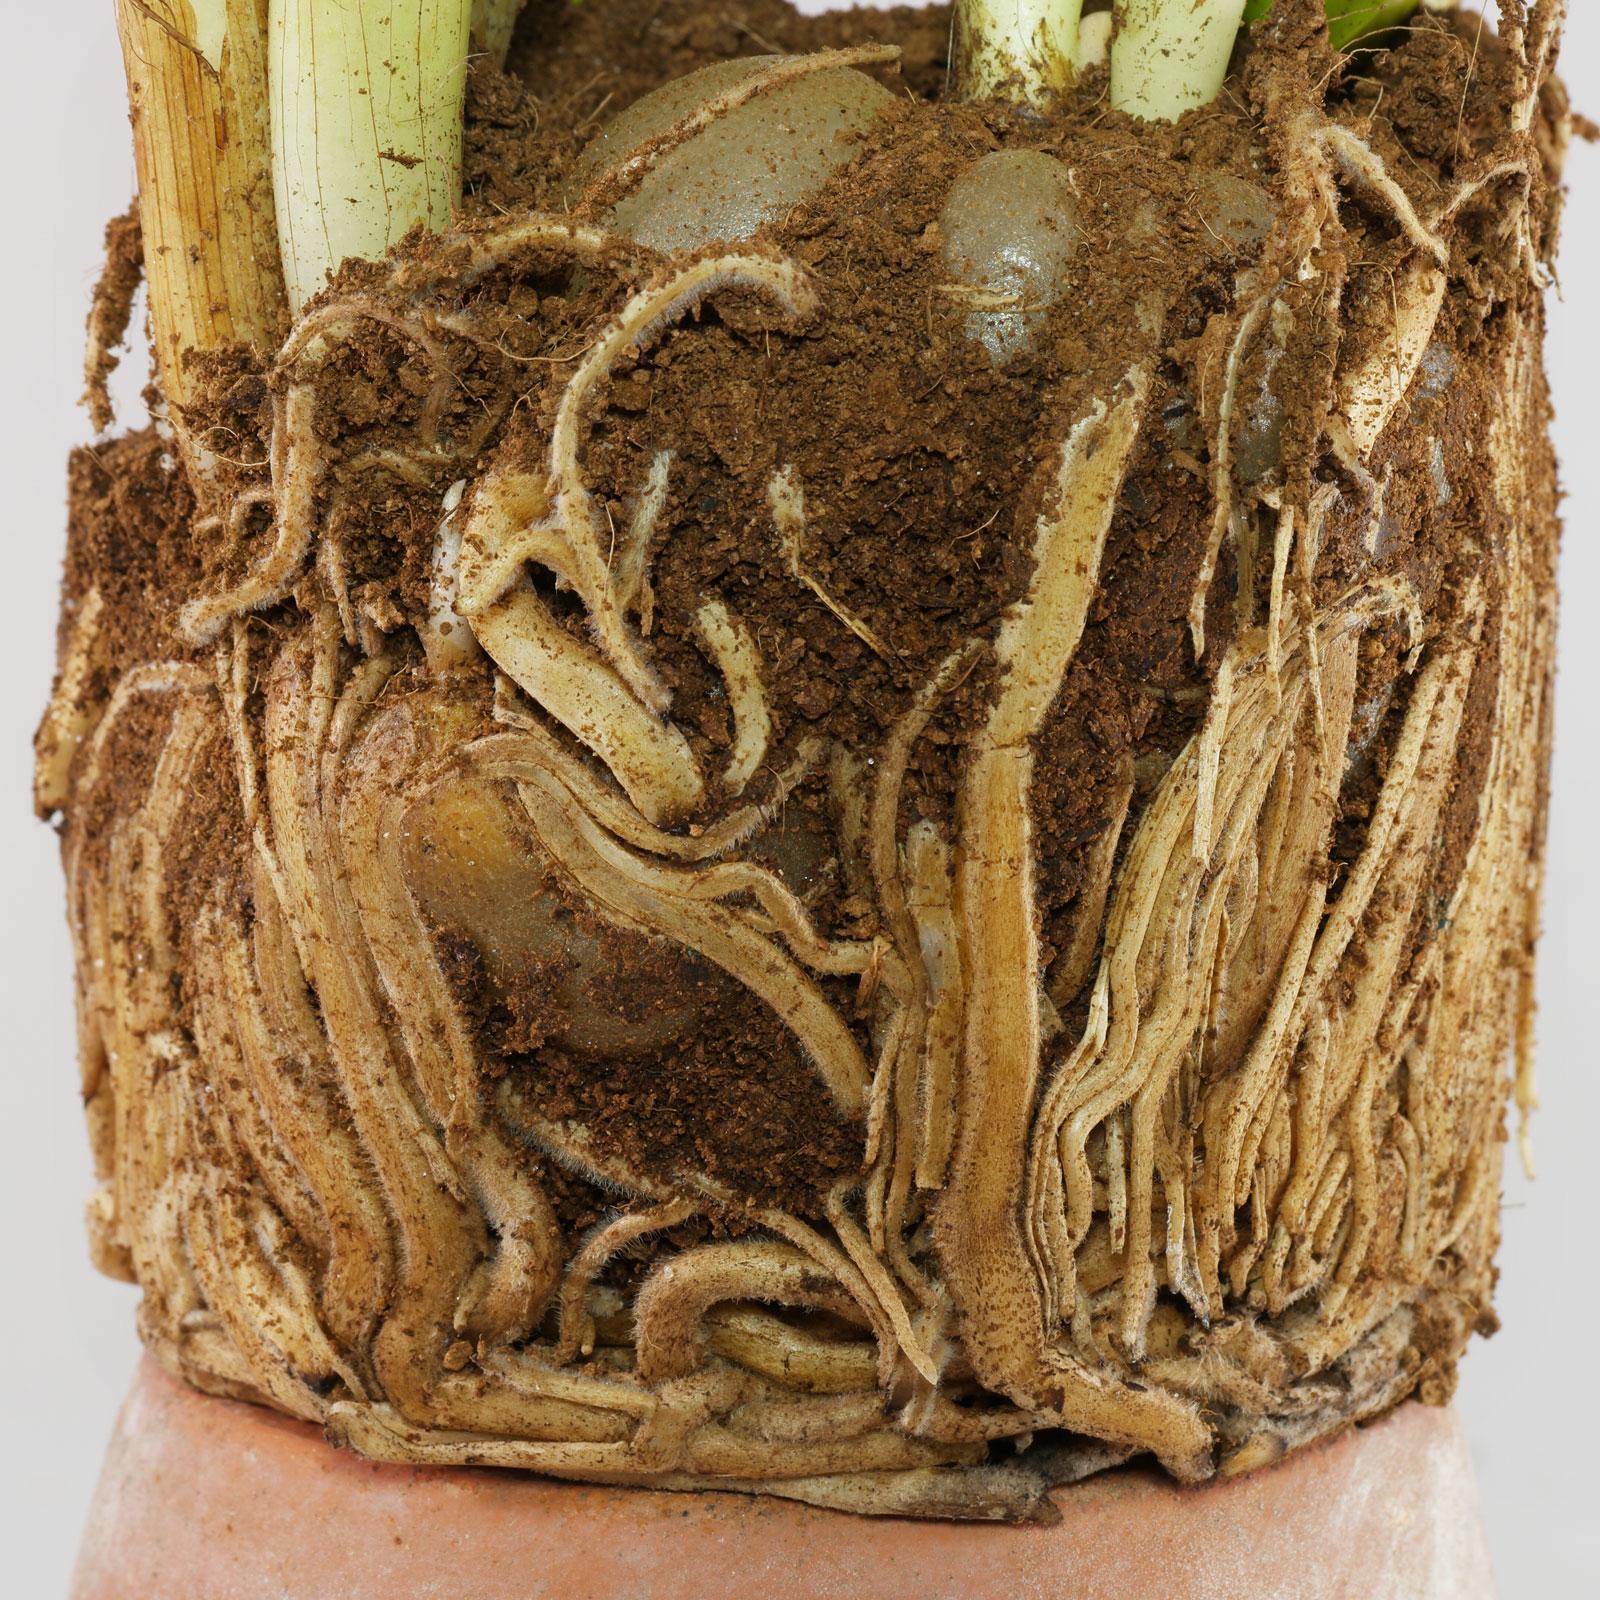 Zamioculcas-Wurzeln